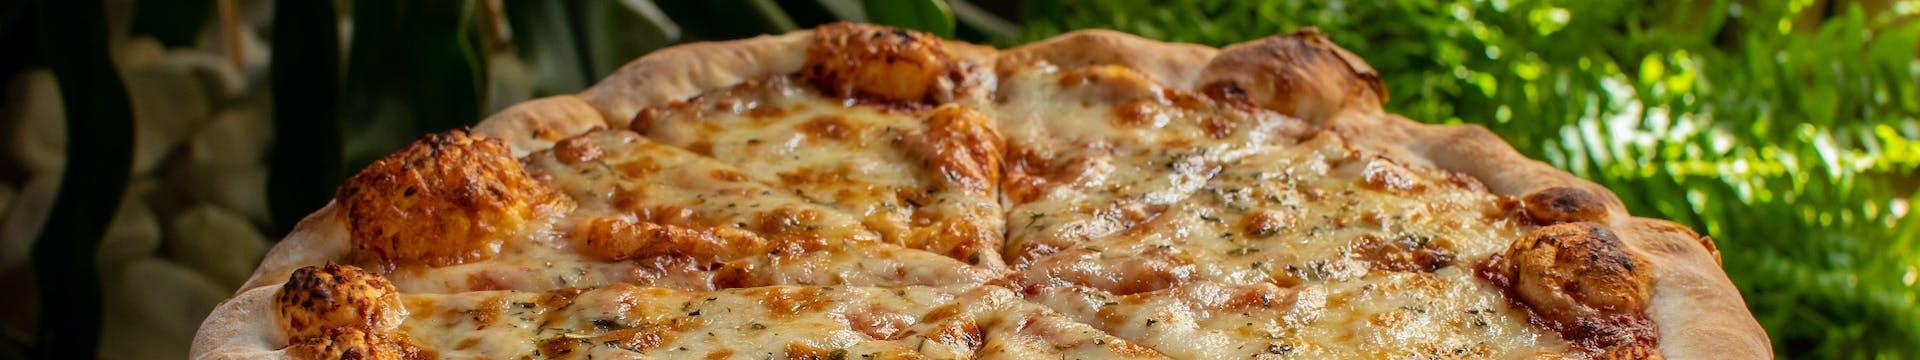 Pyszna pizza z restauracji w Piotrkowie Trybunalskim